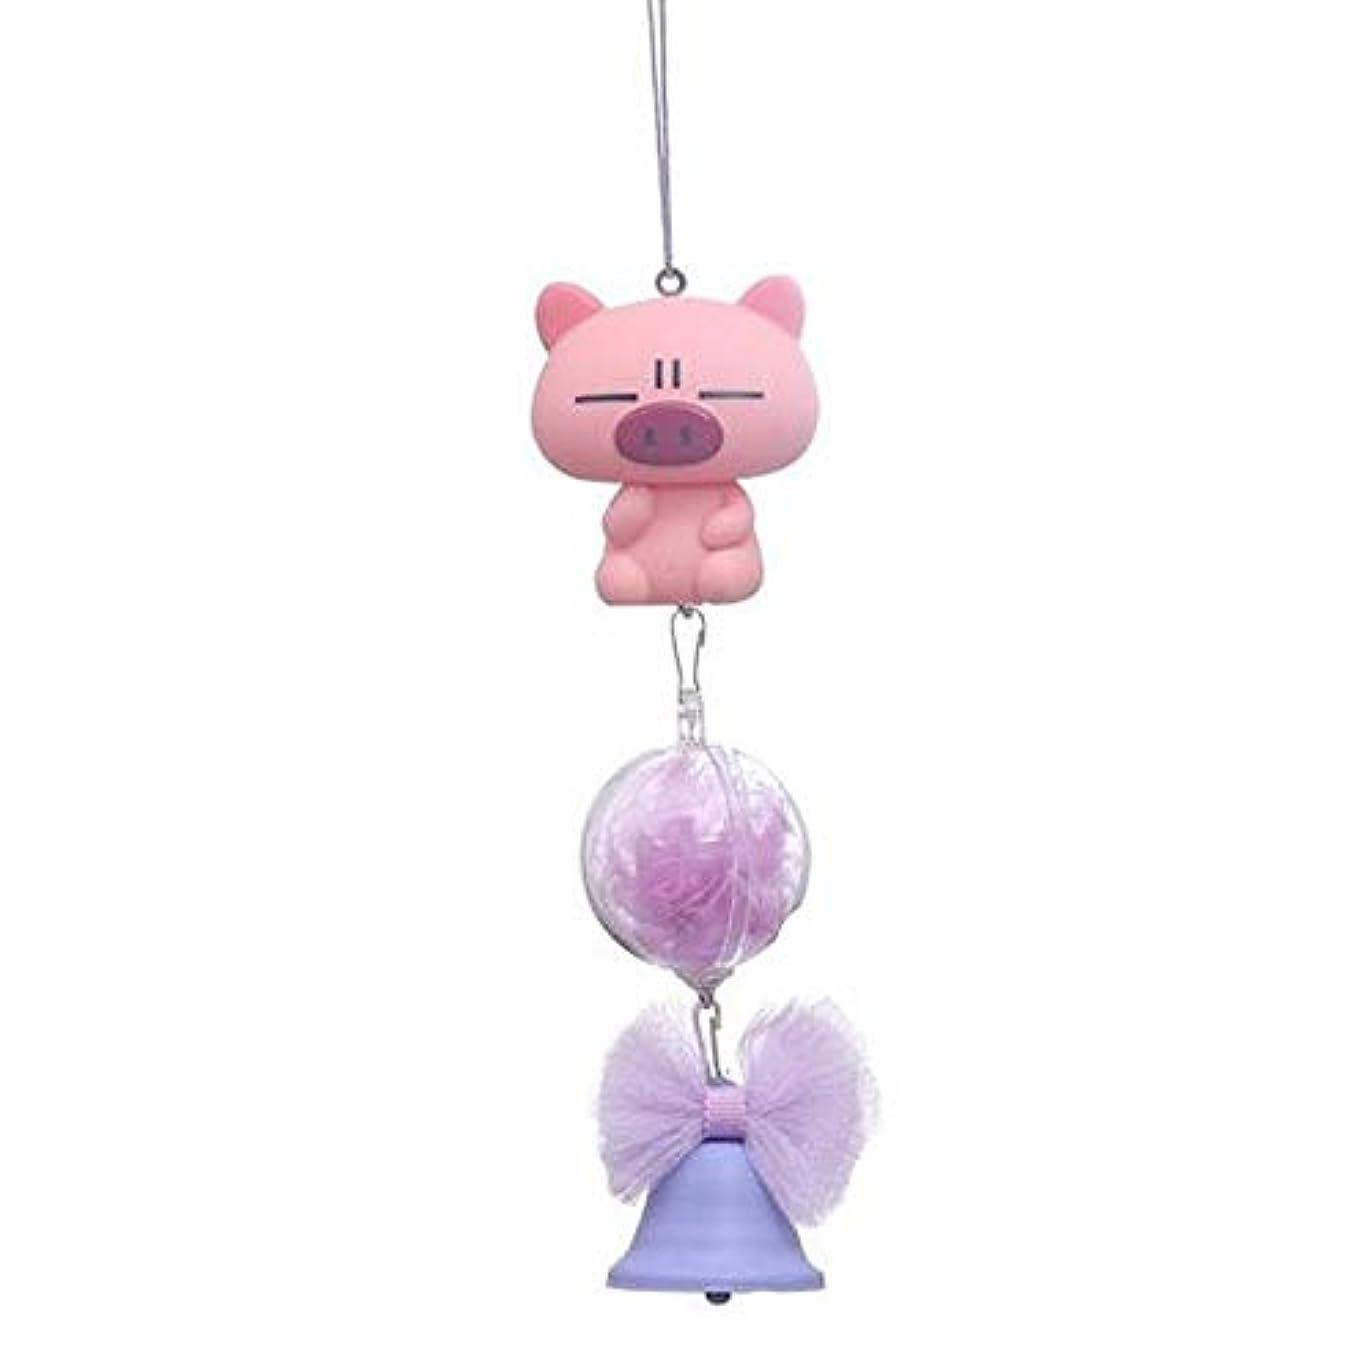 サロン賛辞サミュエル風鈴、誕生日プレゼントのアイデア、豚ベルペンダントの装飾、家族女の子のベッドルームの装飾 (Color : Purple)